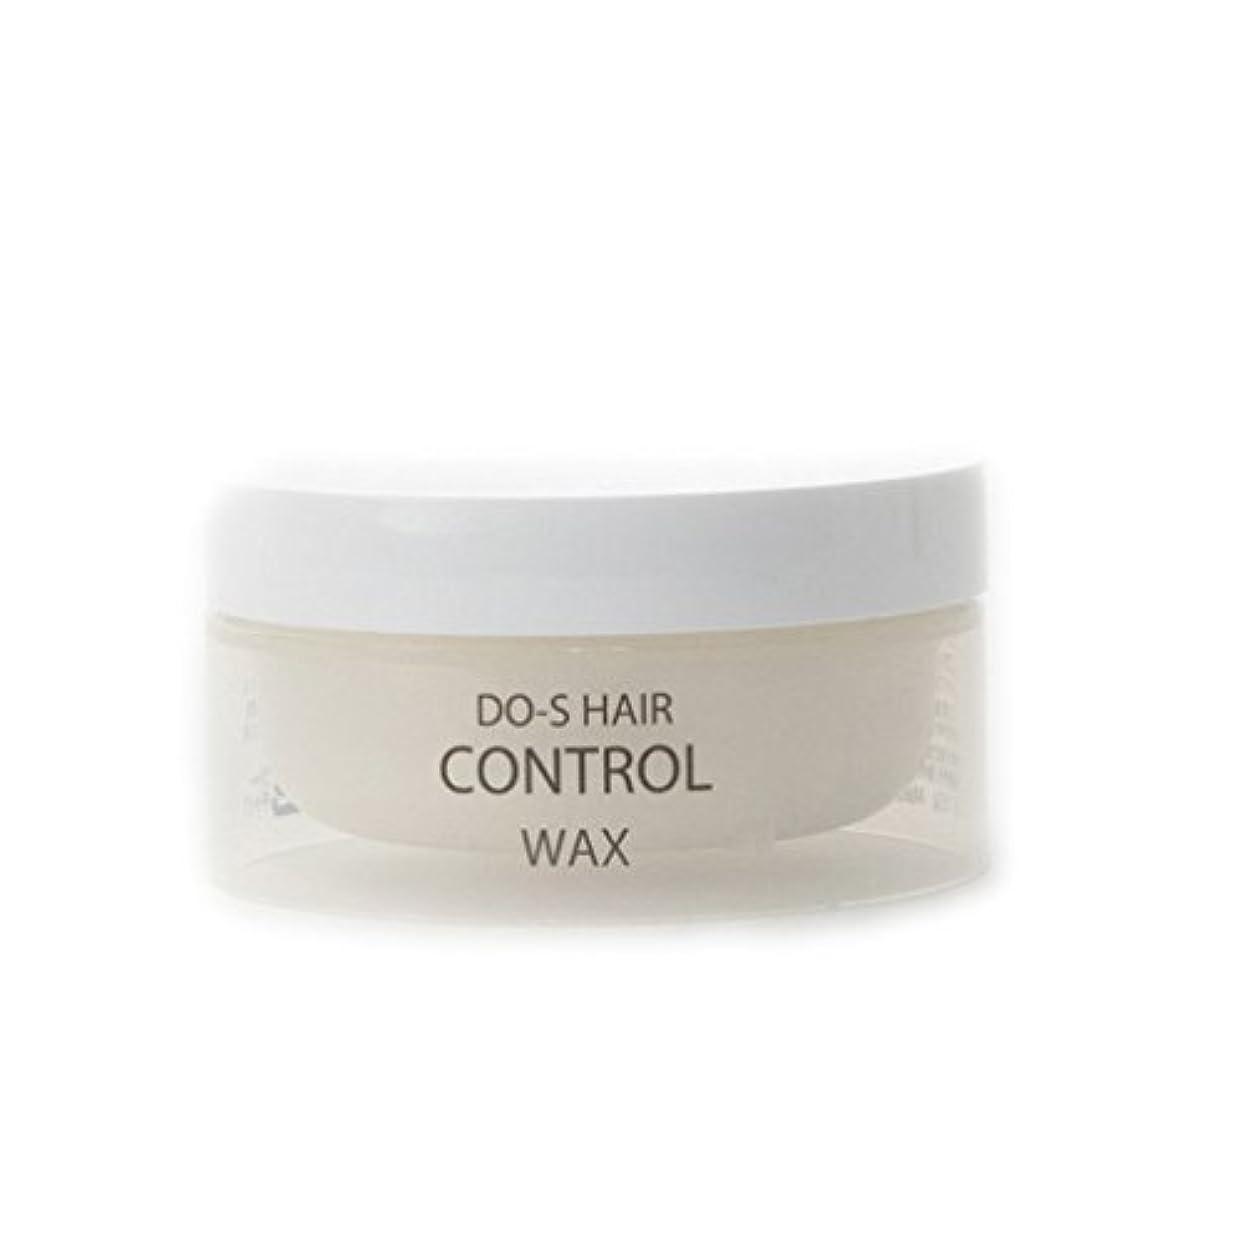 寝室を掃除する追放する弾性DO-S HAIR CONTROL ワックス 50g